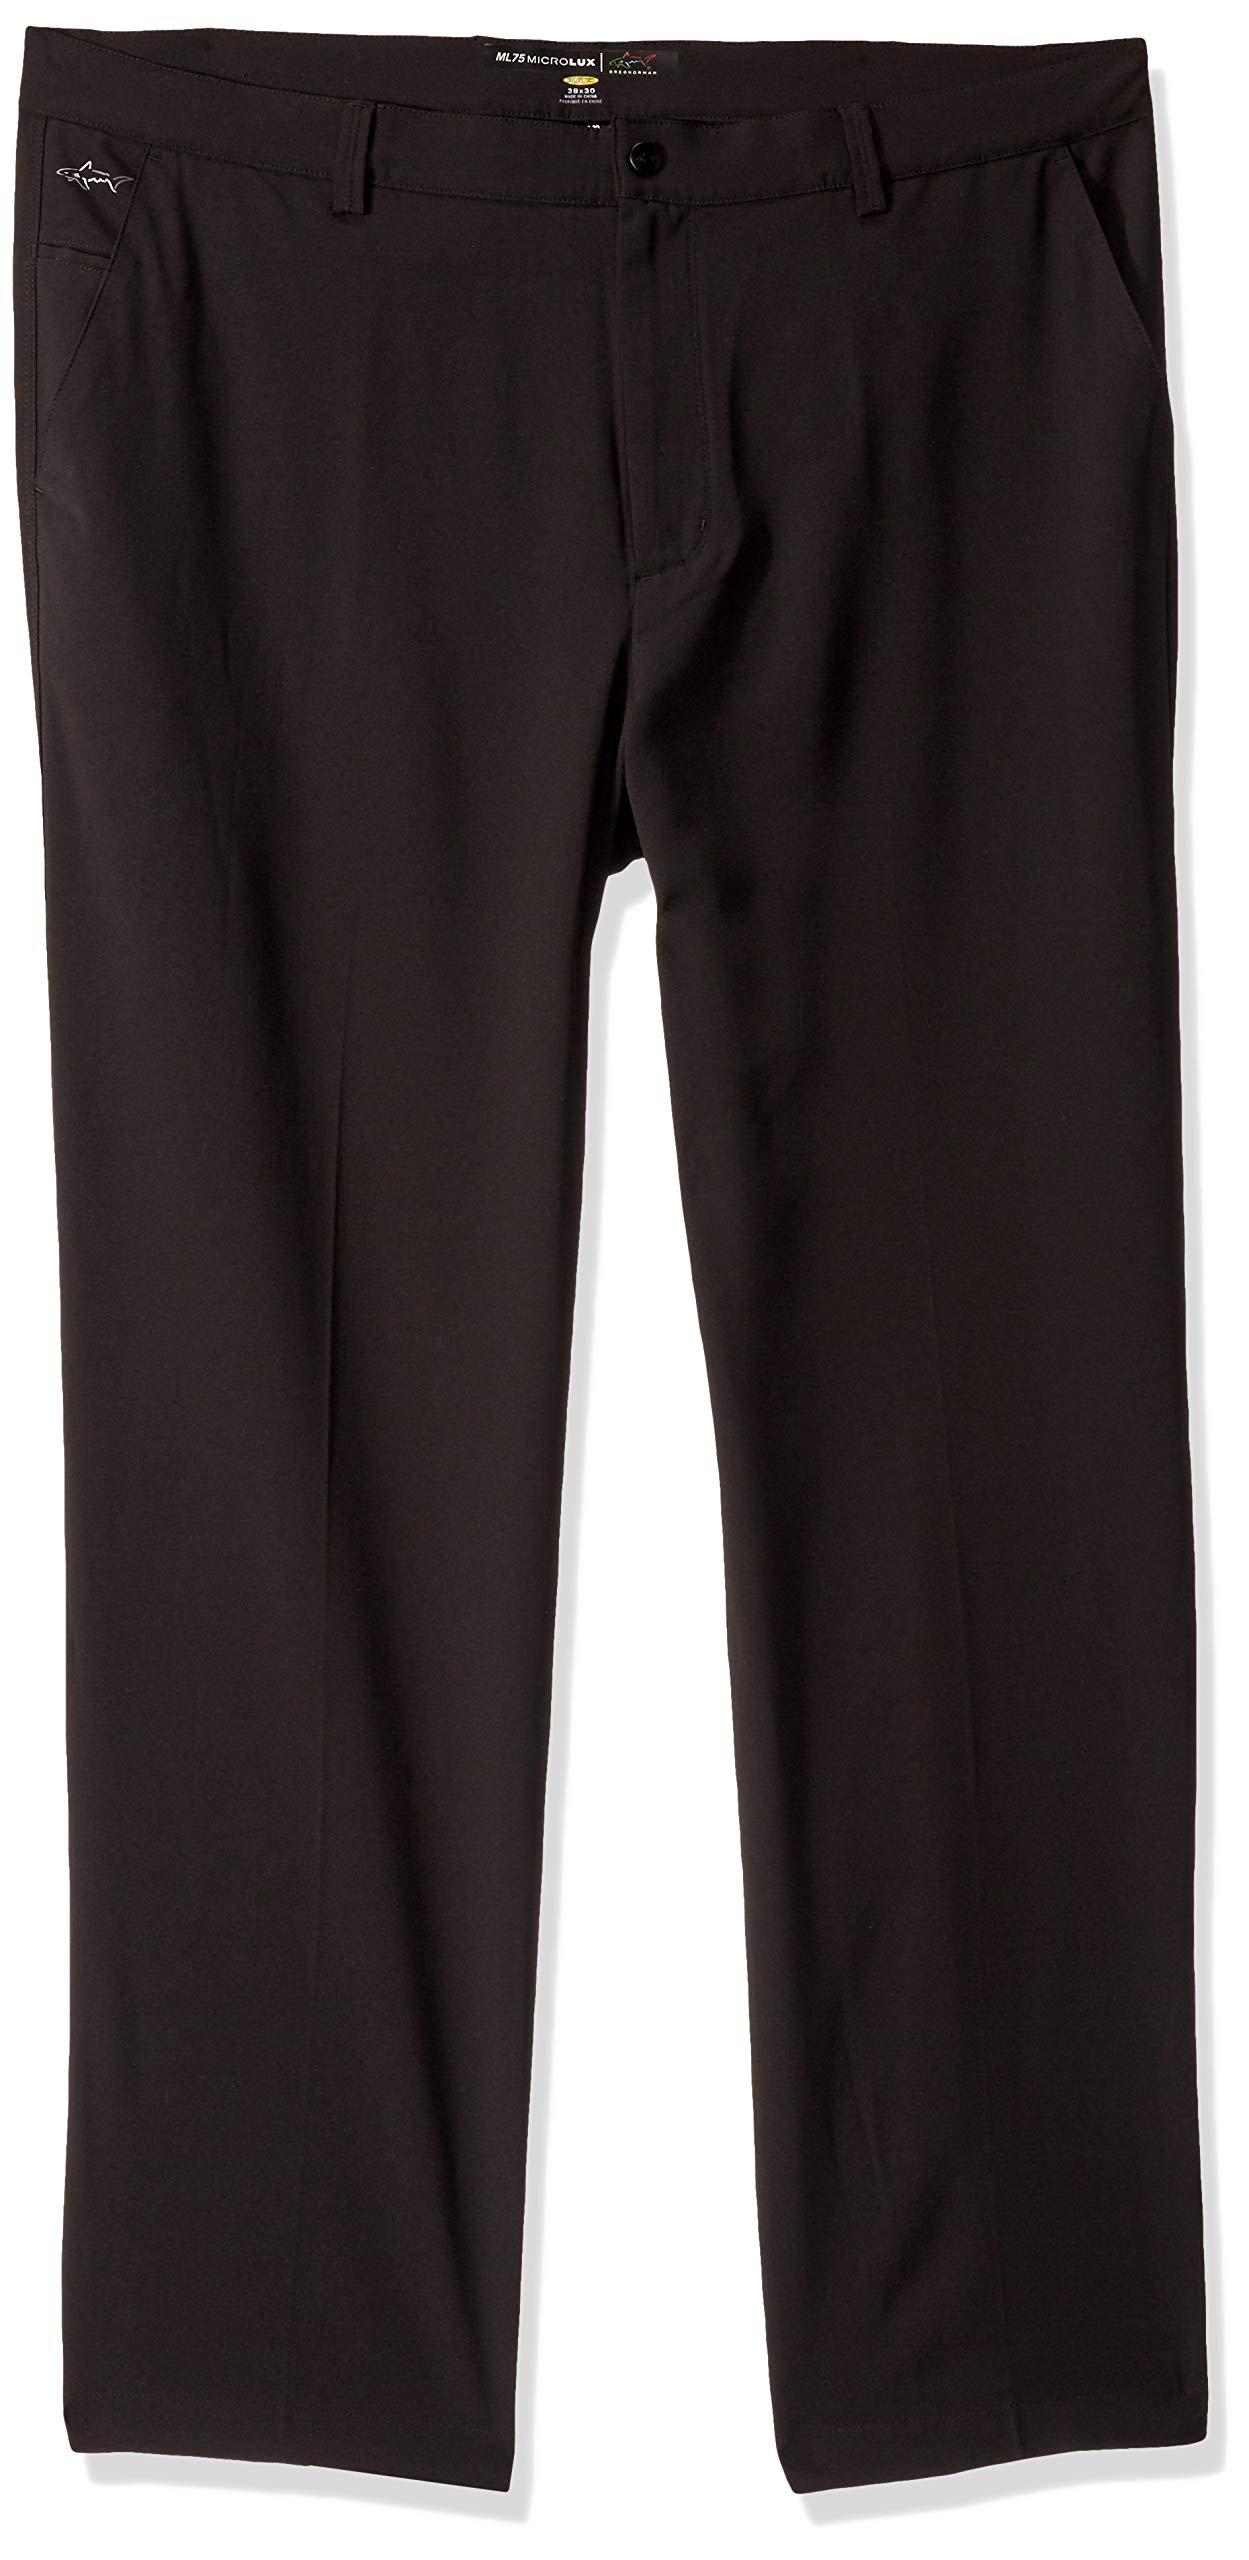 Greg Norman Men's Ml75 Microlux Pant, Black, W: 35'' x L: 30'' by Greg Norman